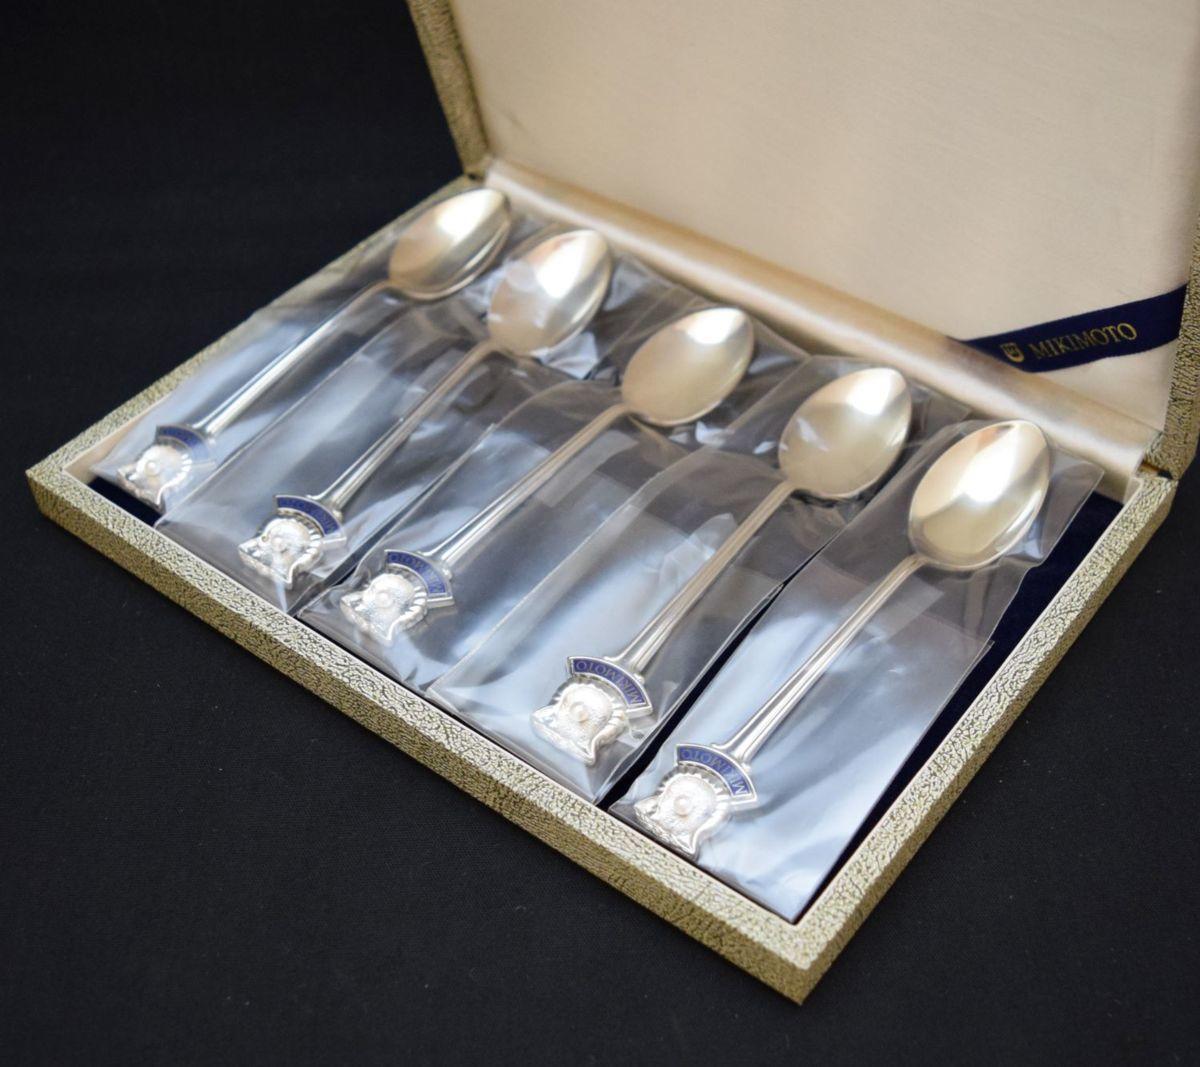 未使用/未開封 MIKIMOTO ミキモト パール付き スプーン 5本セット シルバーステンレス 真珠②_画像1